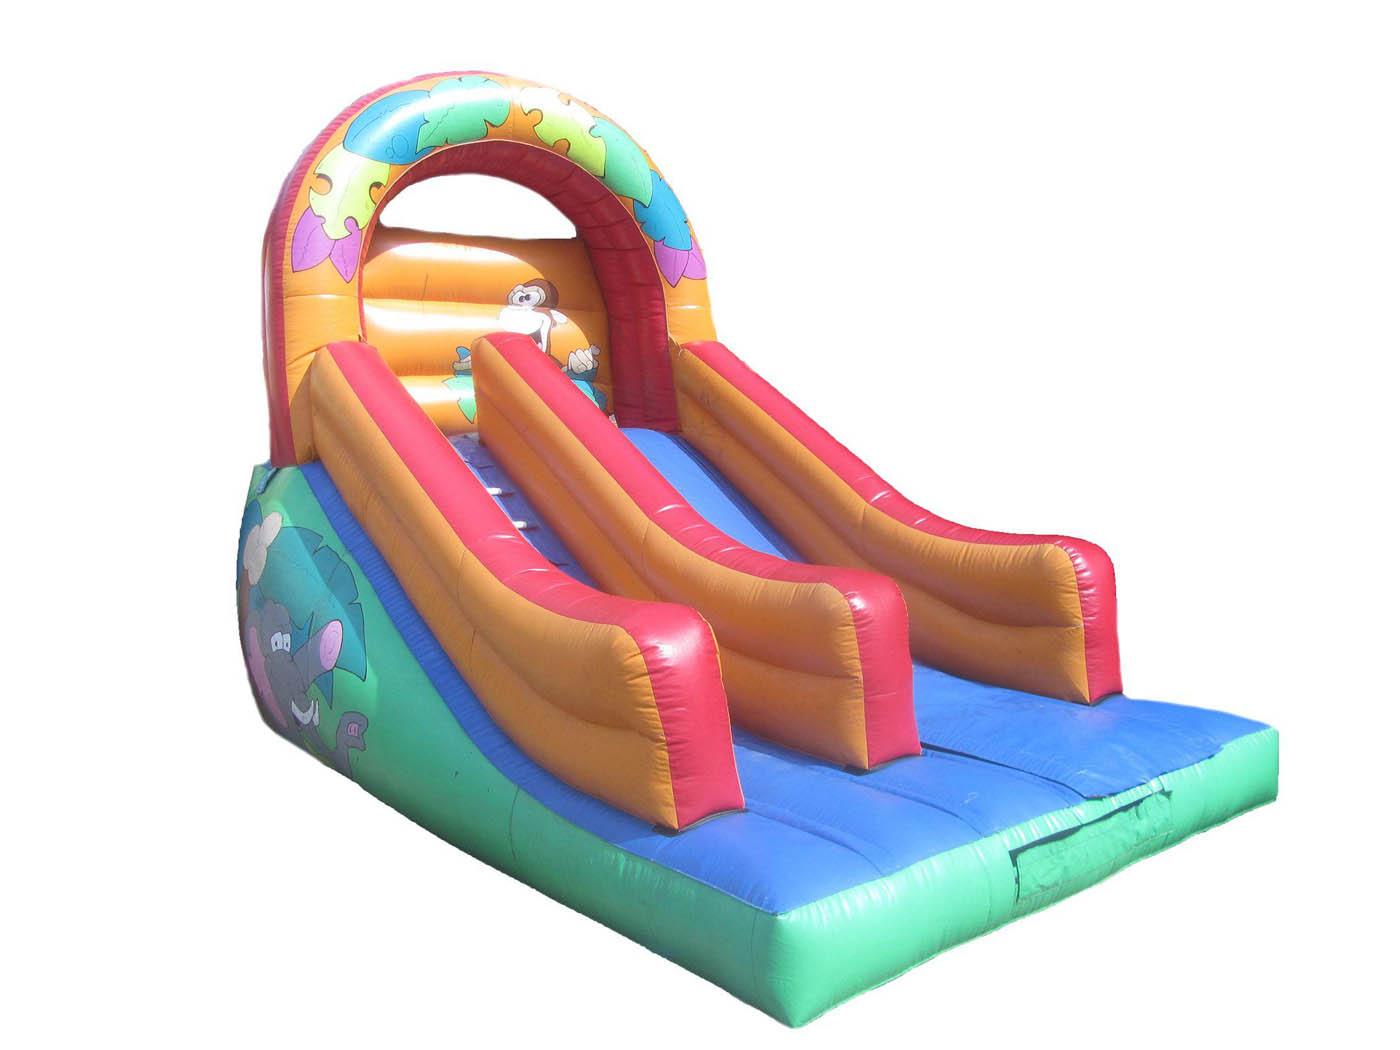 Repaired-inflatable-animal-platform-slide-compressor